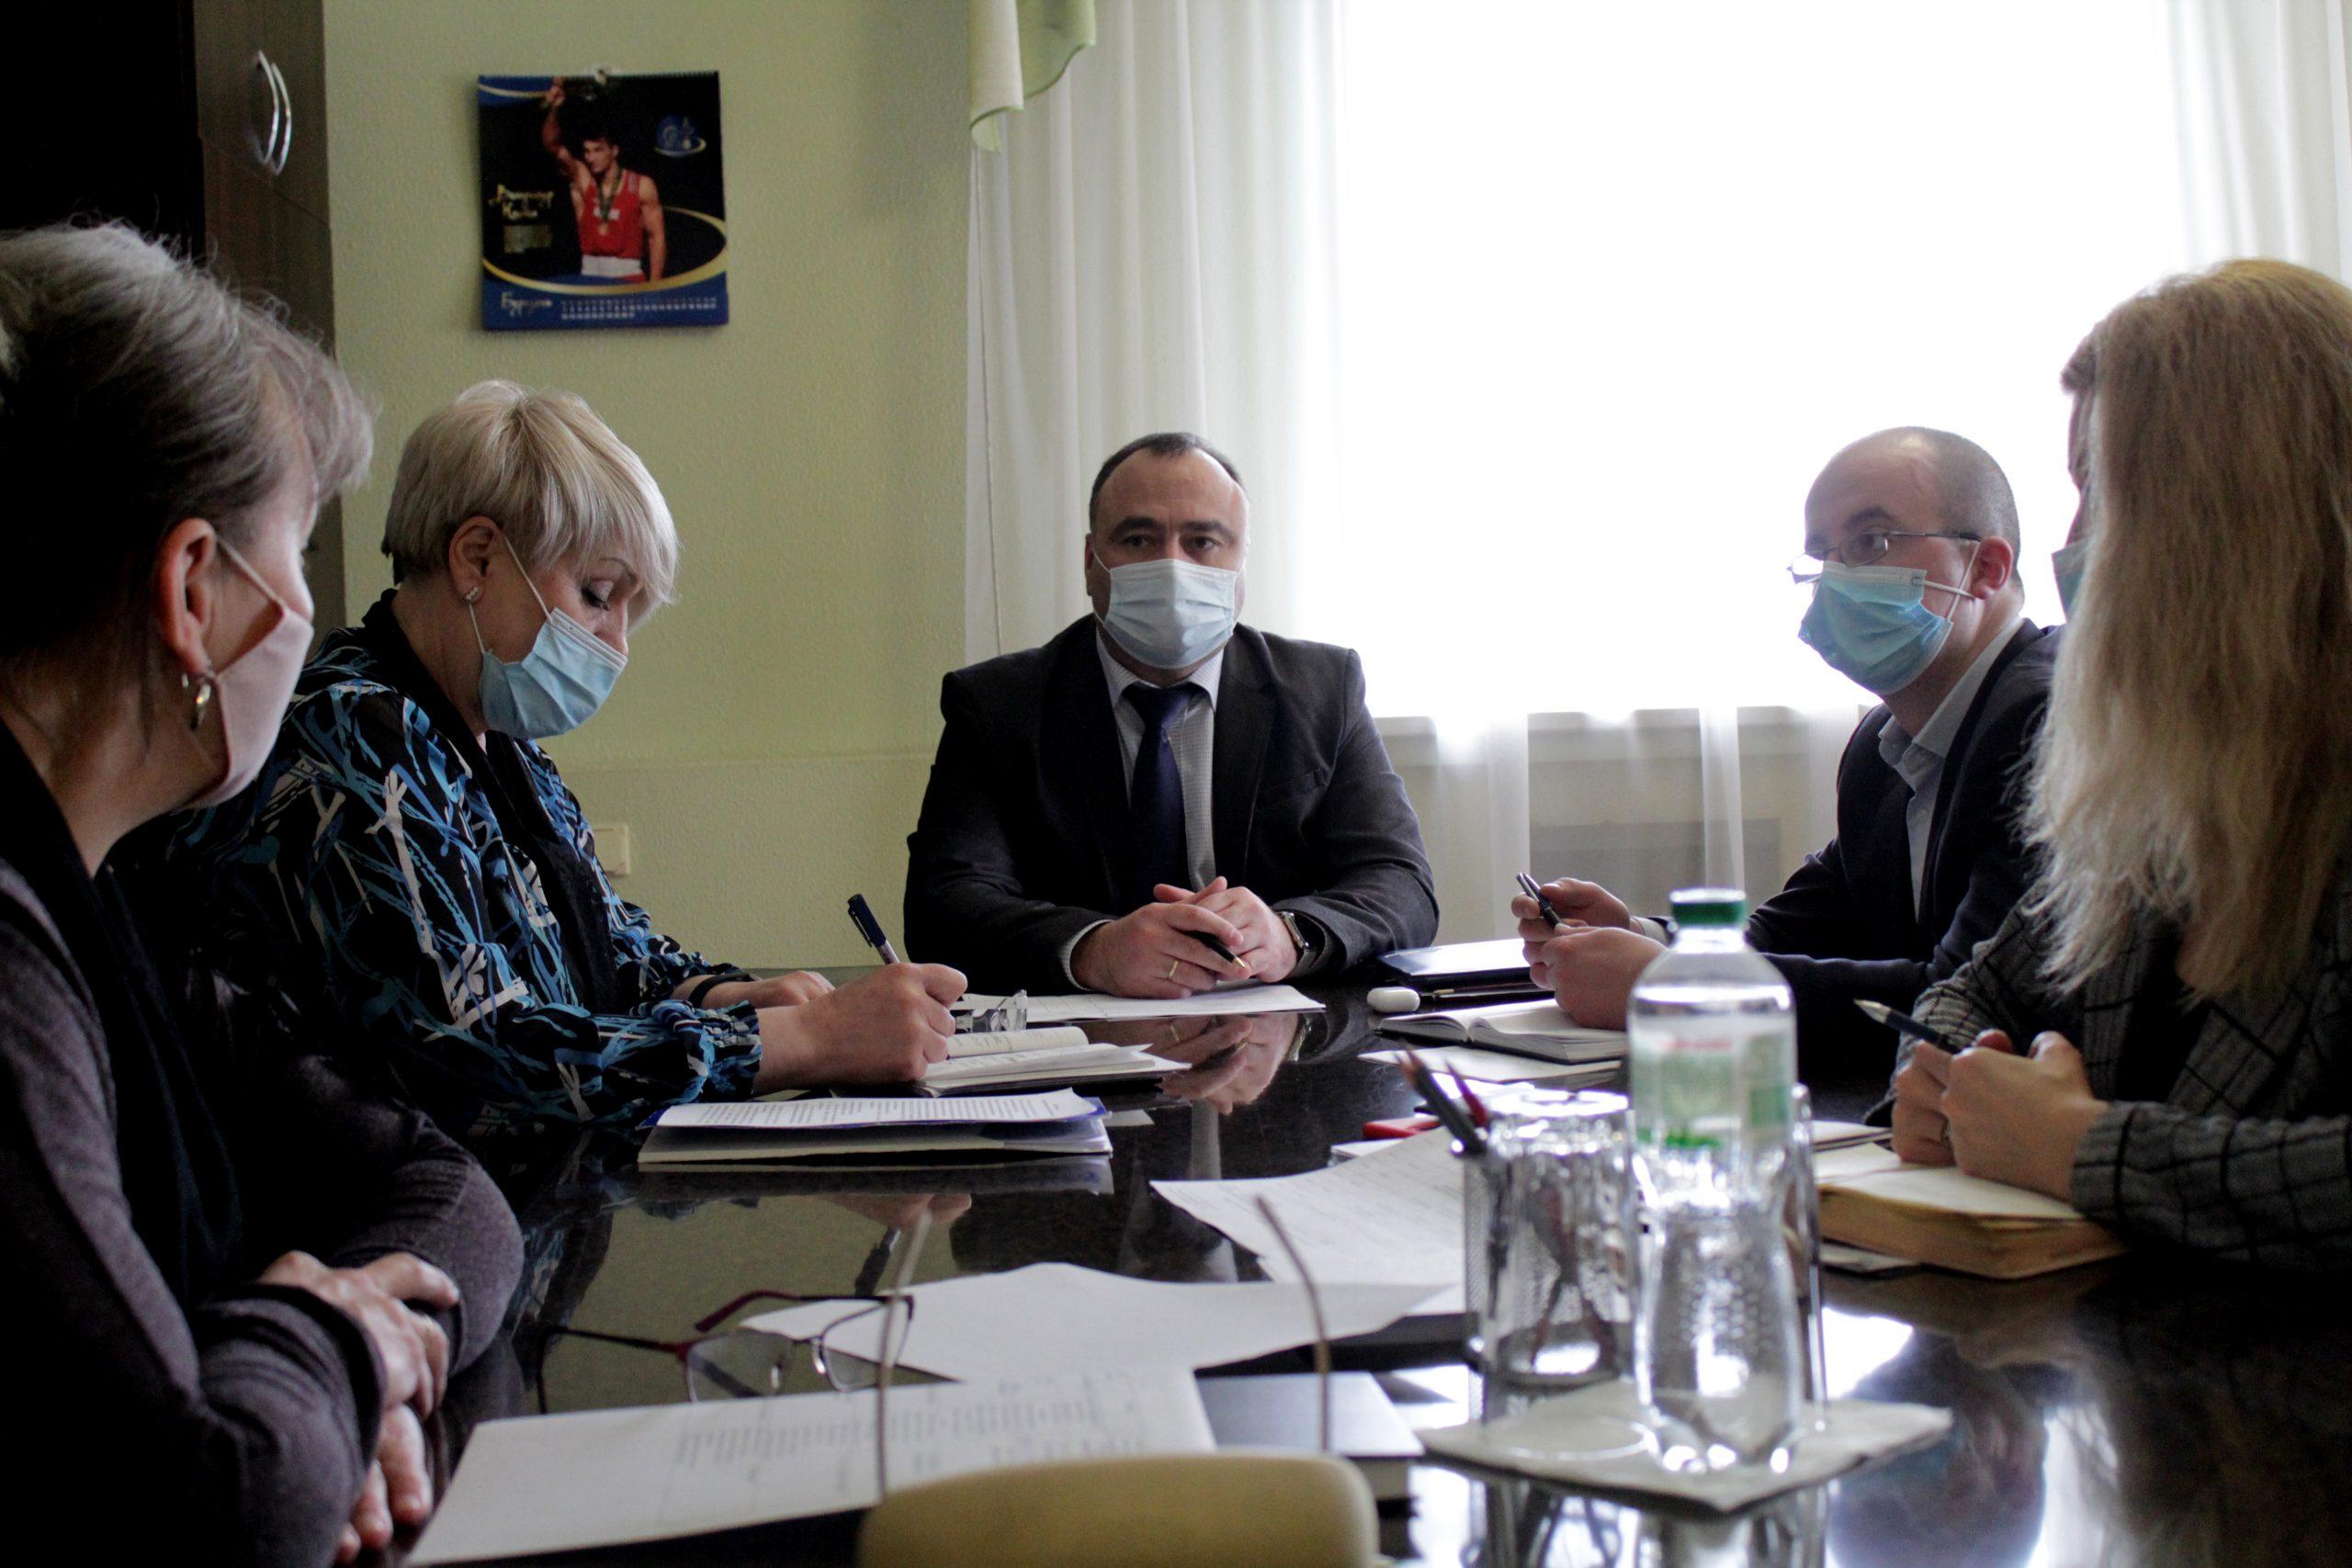 Відбулося чергове засідання робочої групи з питань діяльності соціальних закладів недержавної форми власності